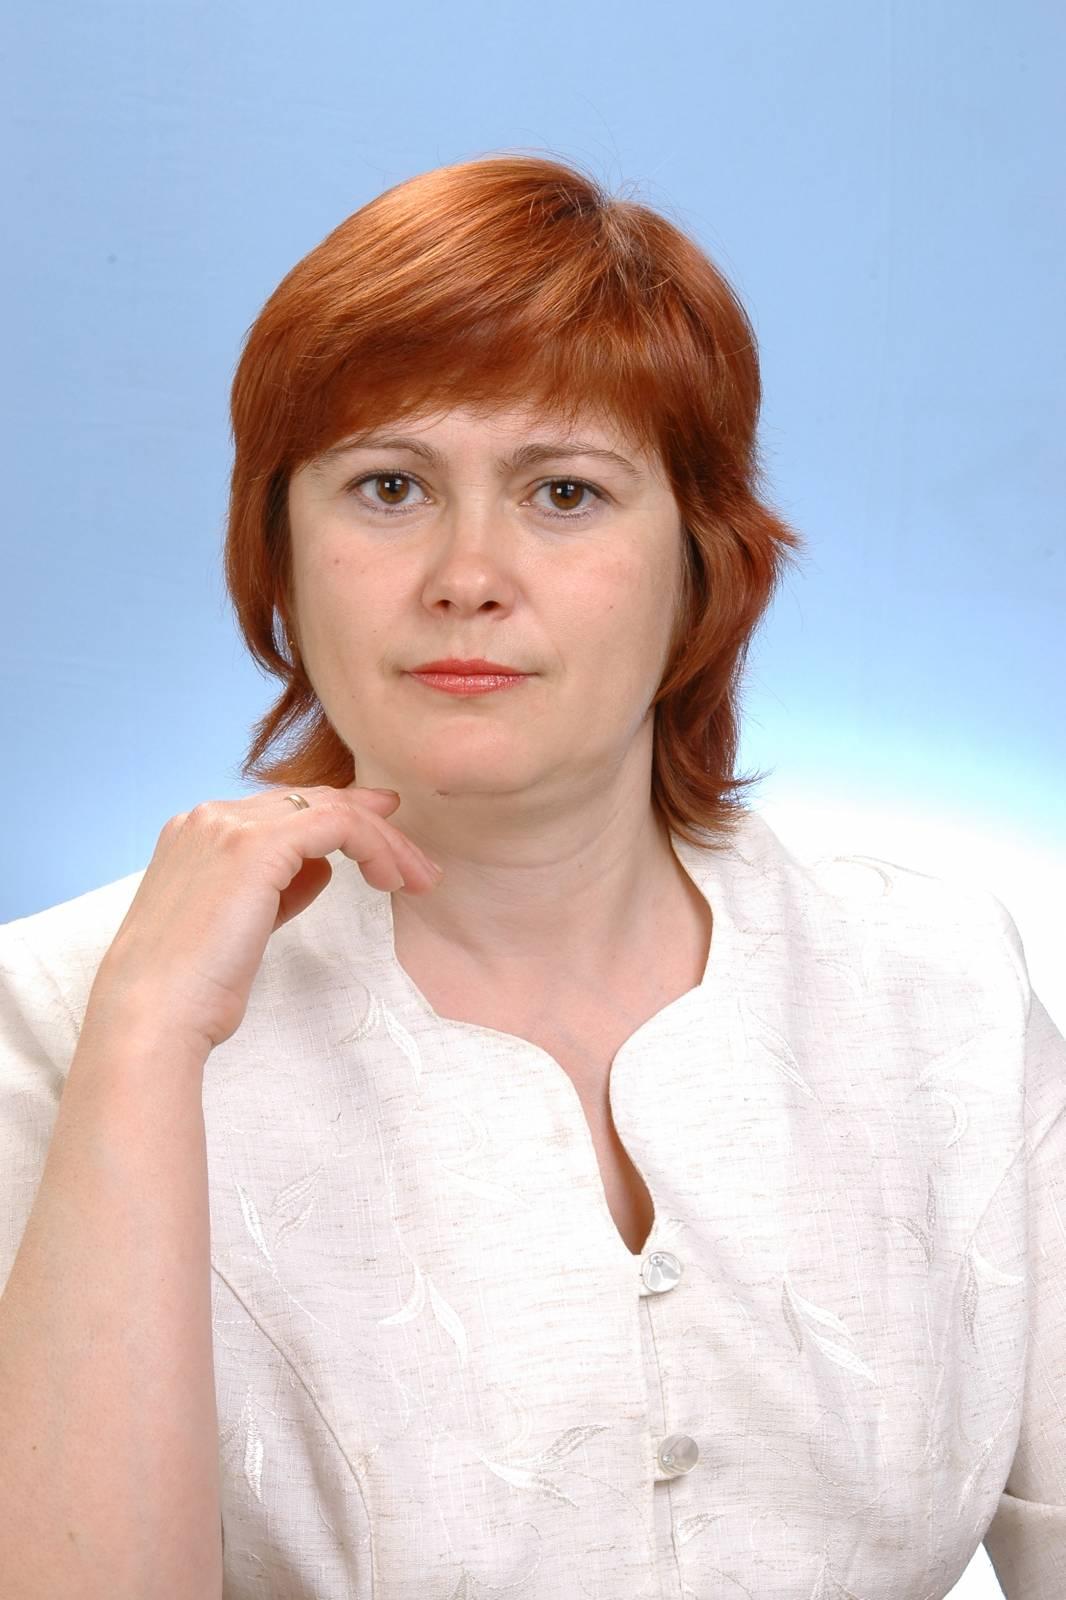 Учительница русского языка 19 фотография